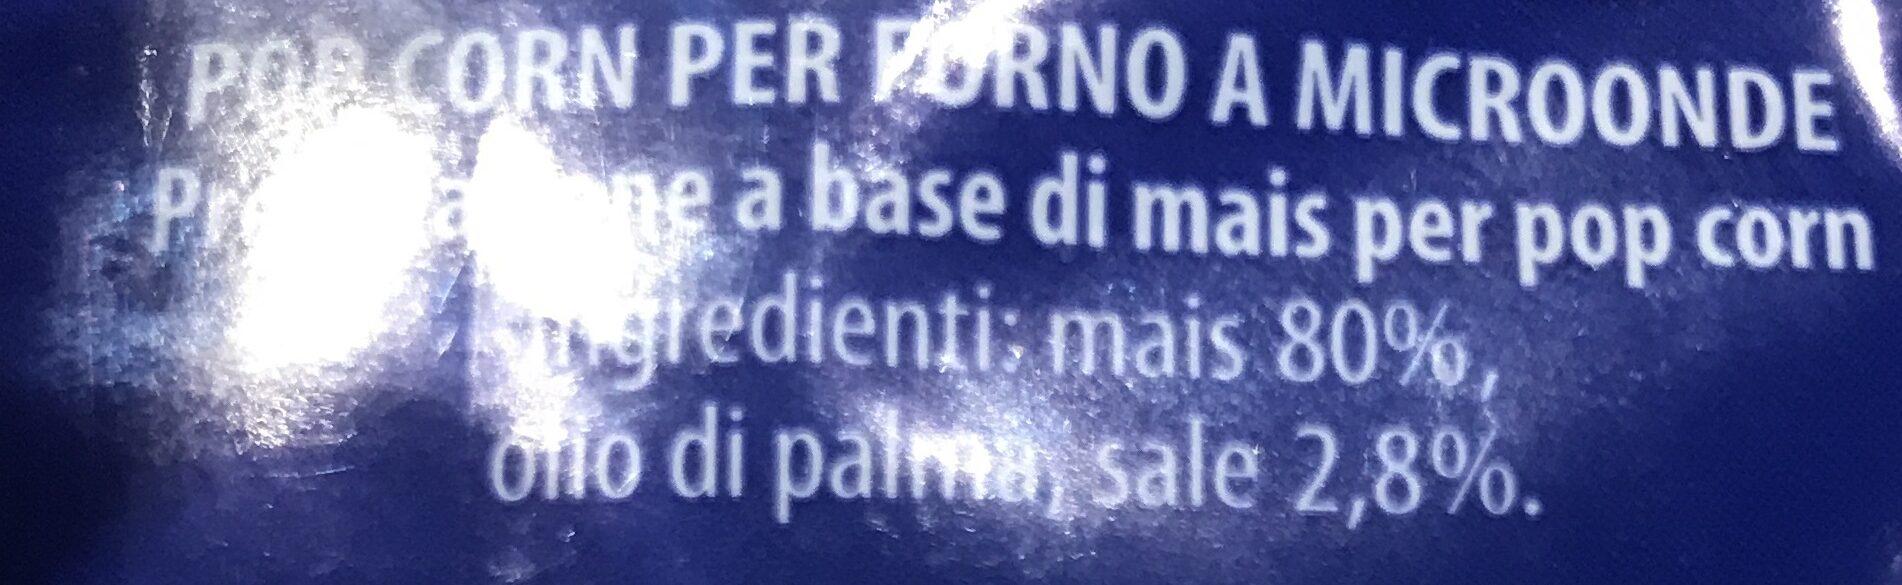 Unibeverage Pop Corn Microonde GR 100 - Ingredienti - it